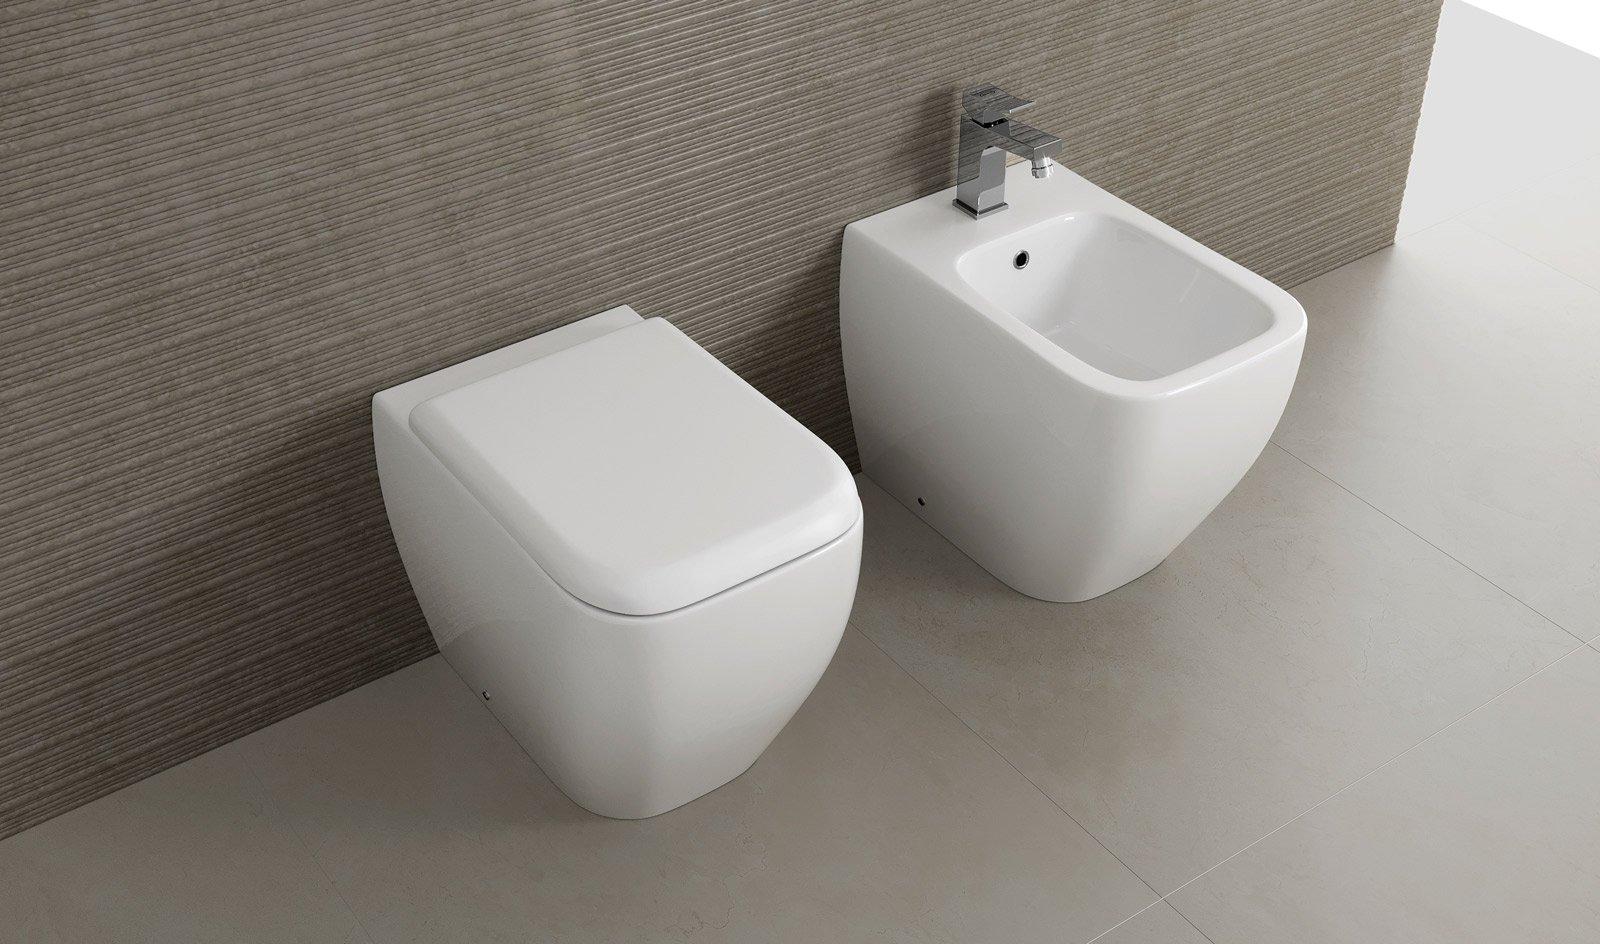 Sanitari filoparete ceramica per arredo bagno moderno wc bidet e copriwc